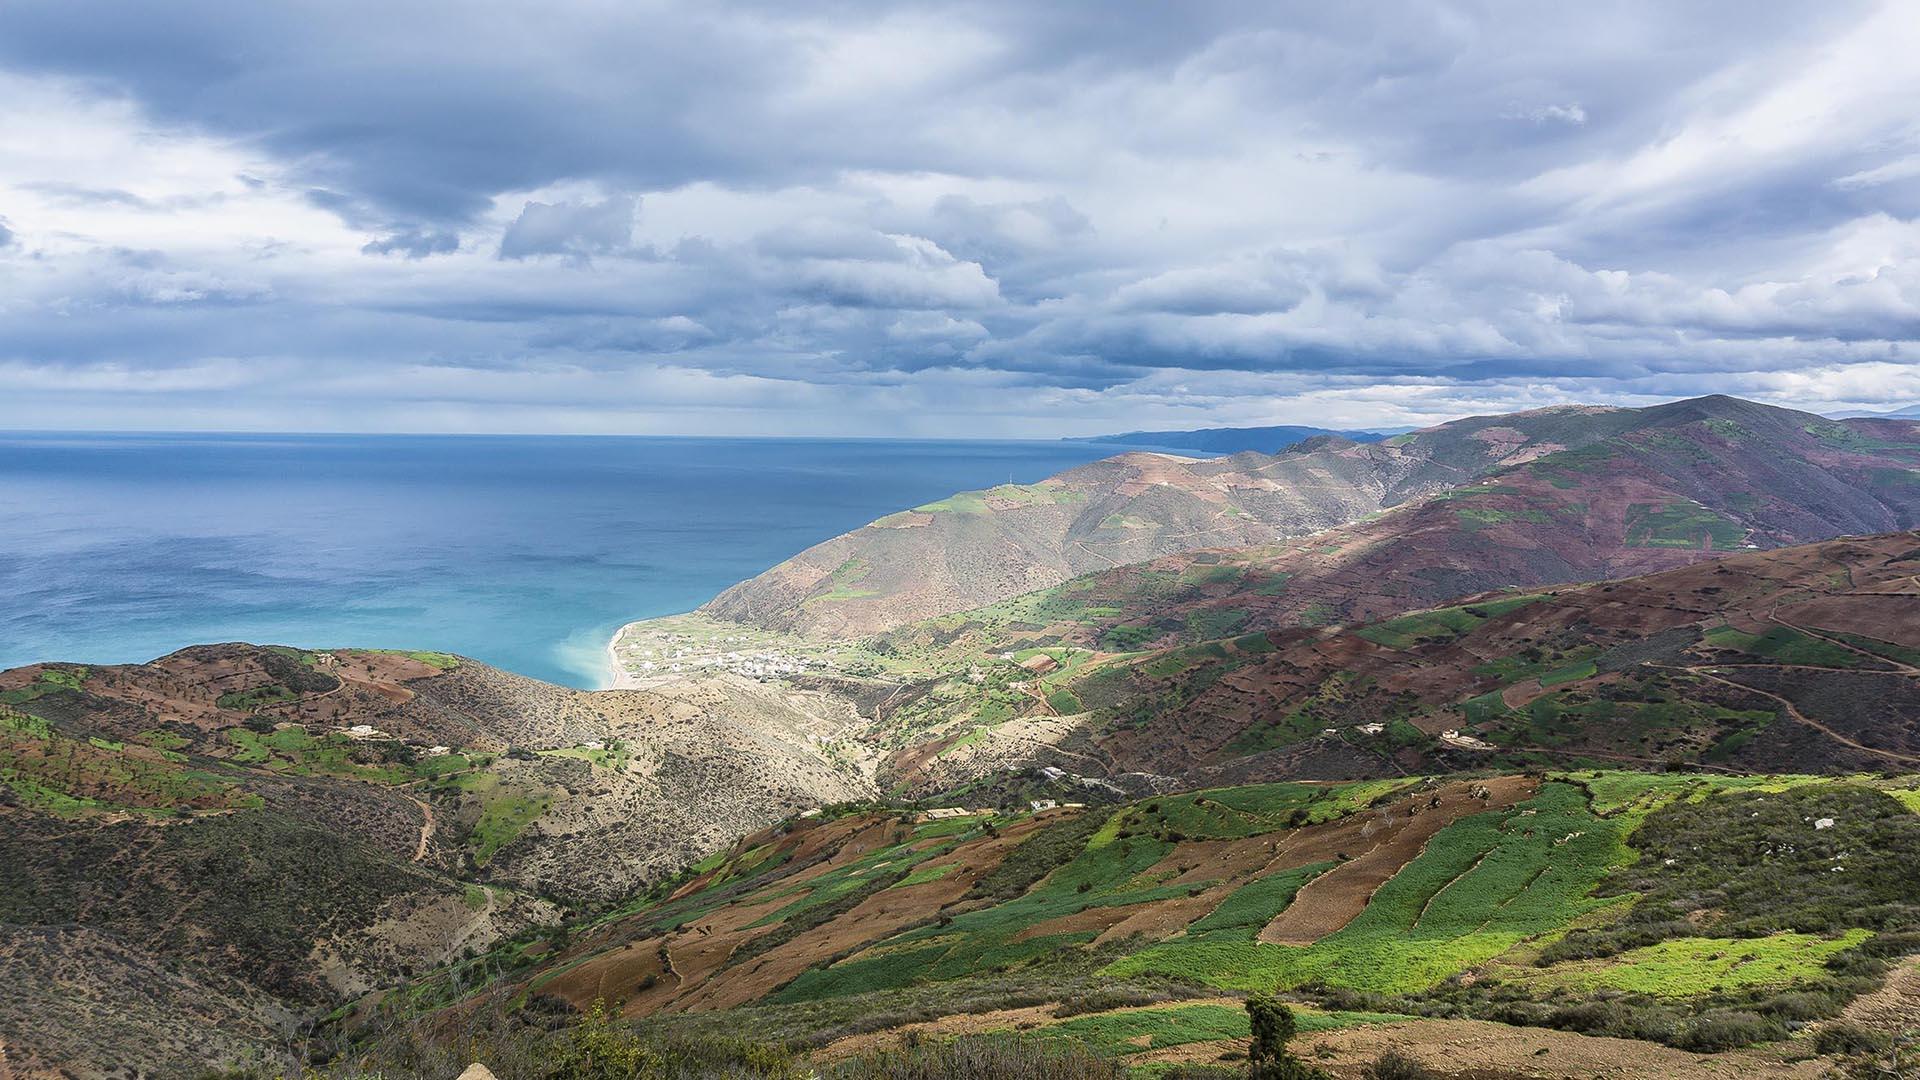 Berauschend vielseitig - Andalusien